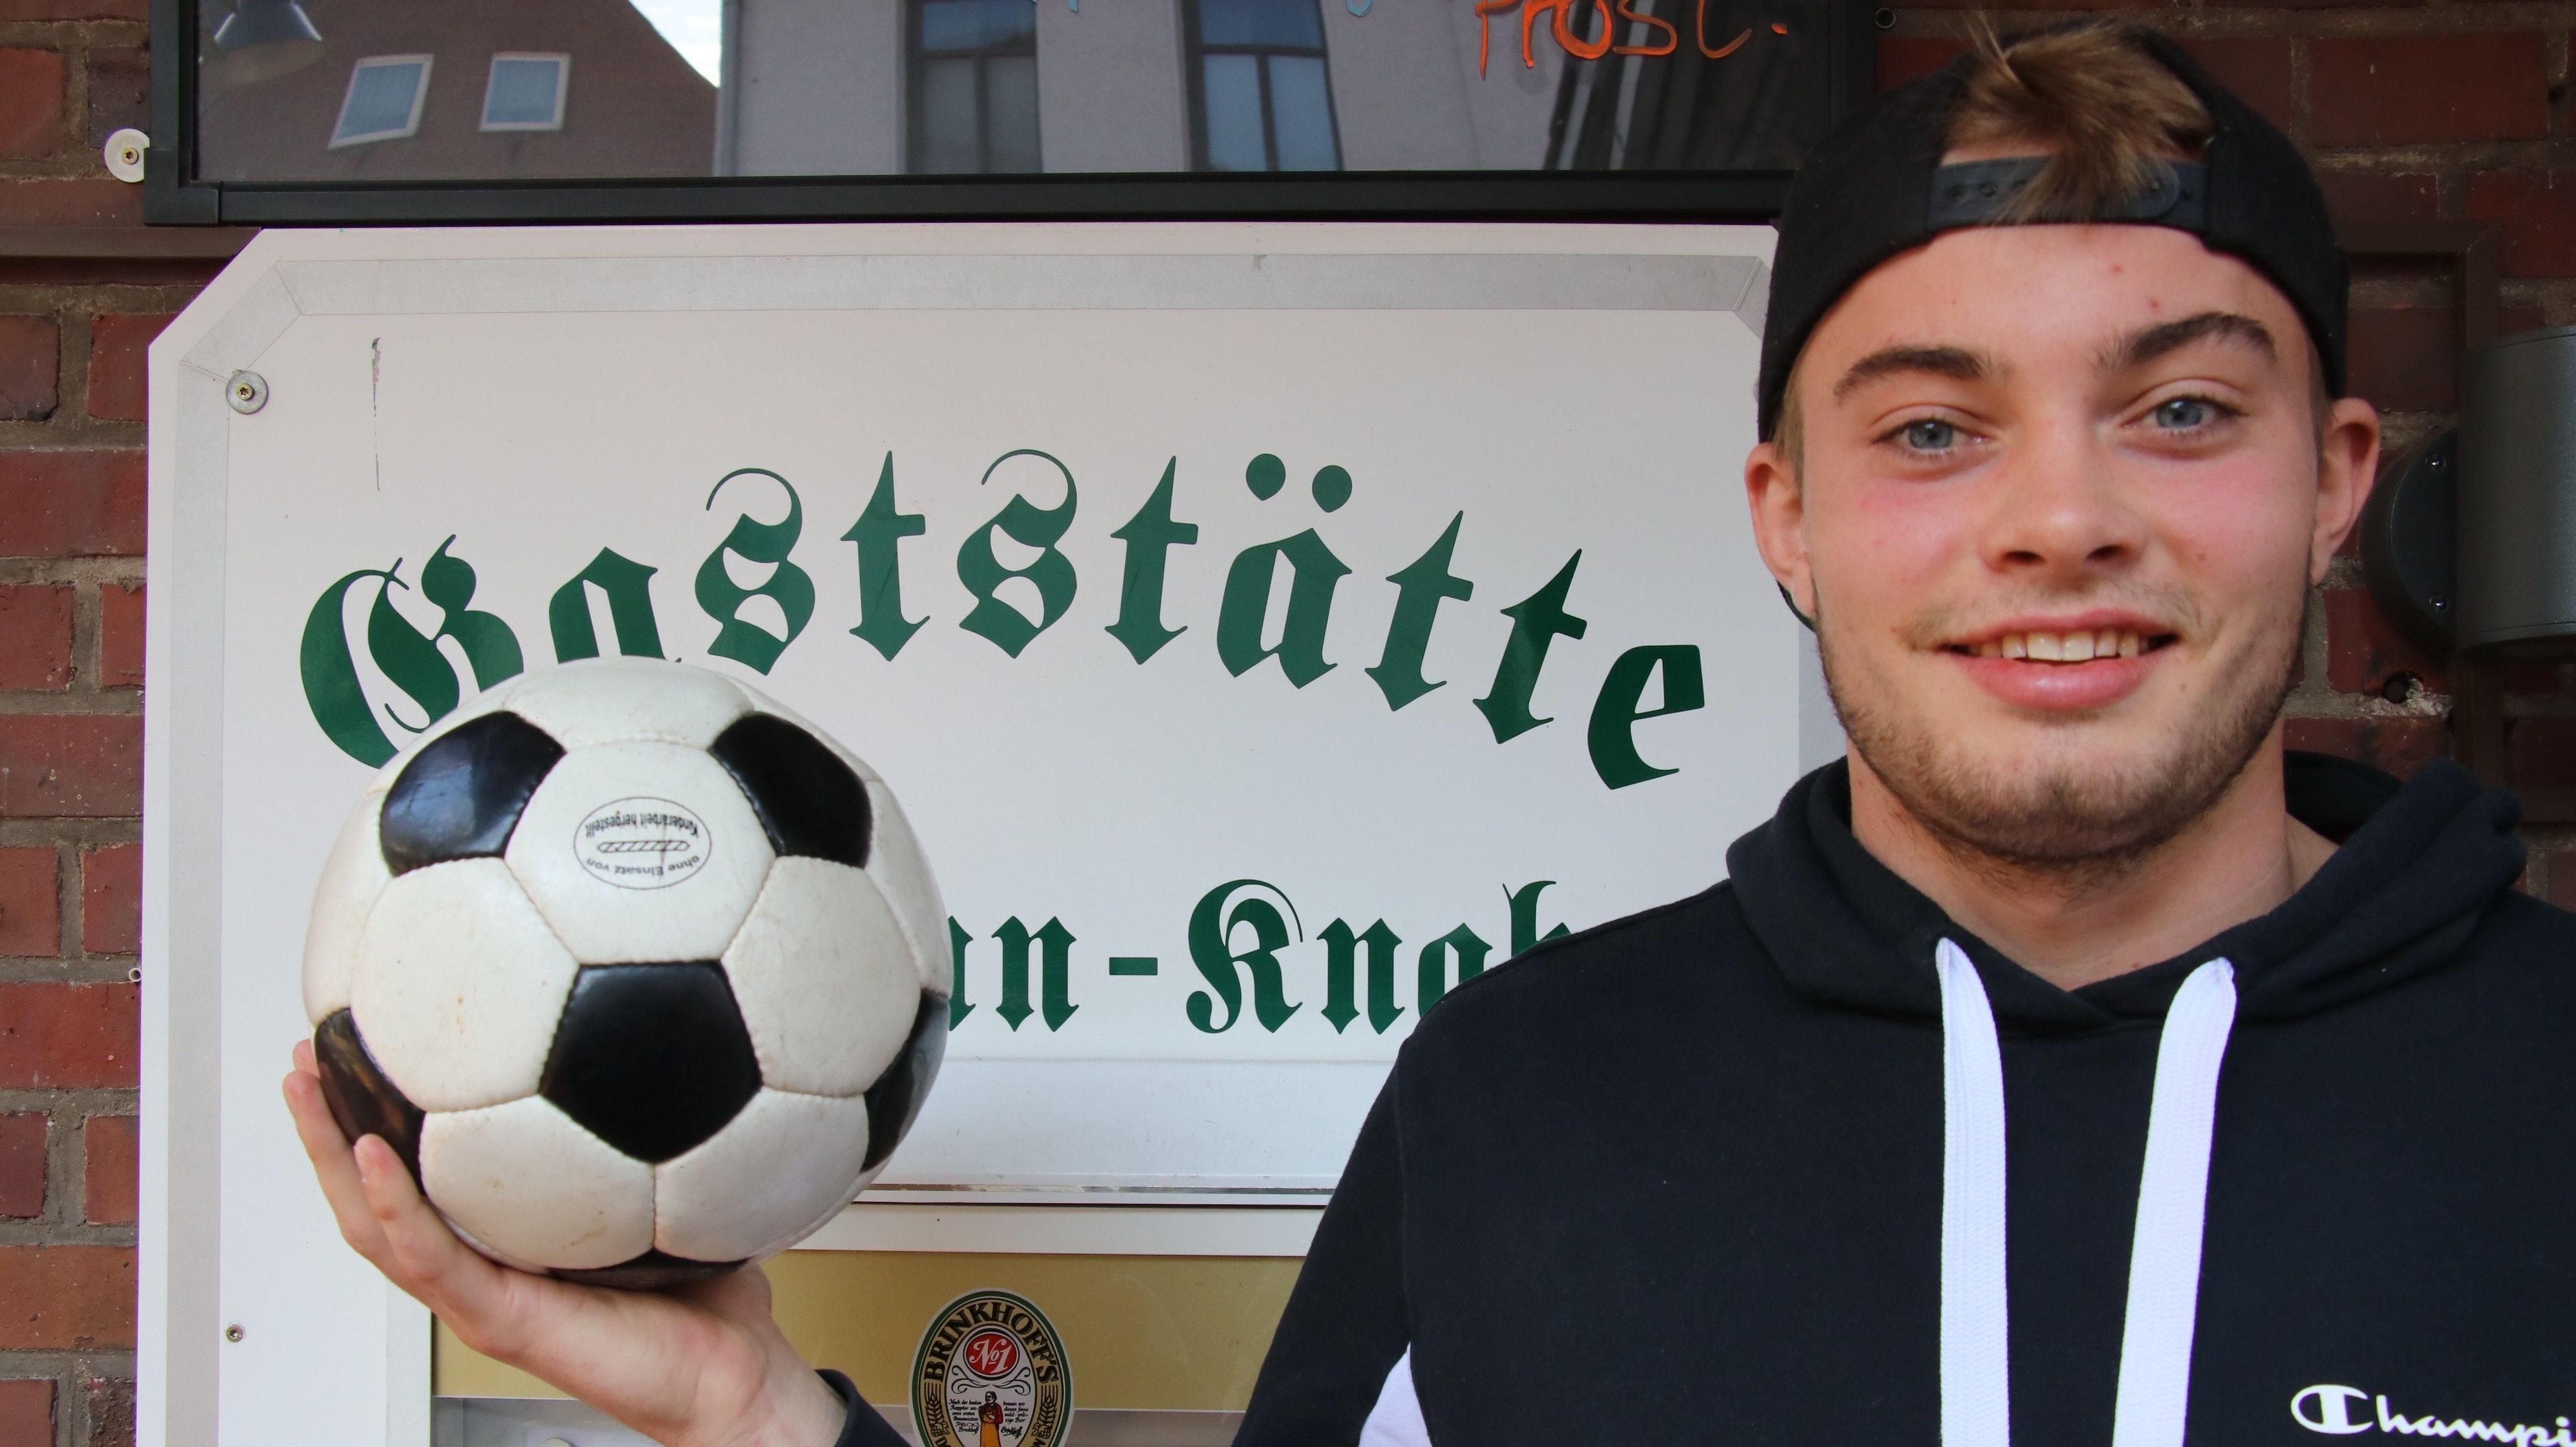 Vielfach am Ball: Benny Bloemen führt auch eine Traditionsgastwirtschaft in Damme. Foto: Lammert